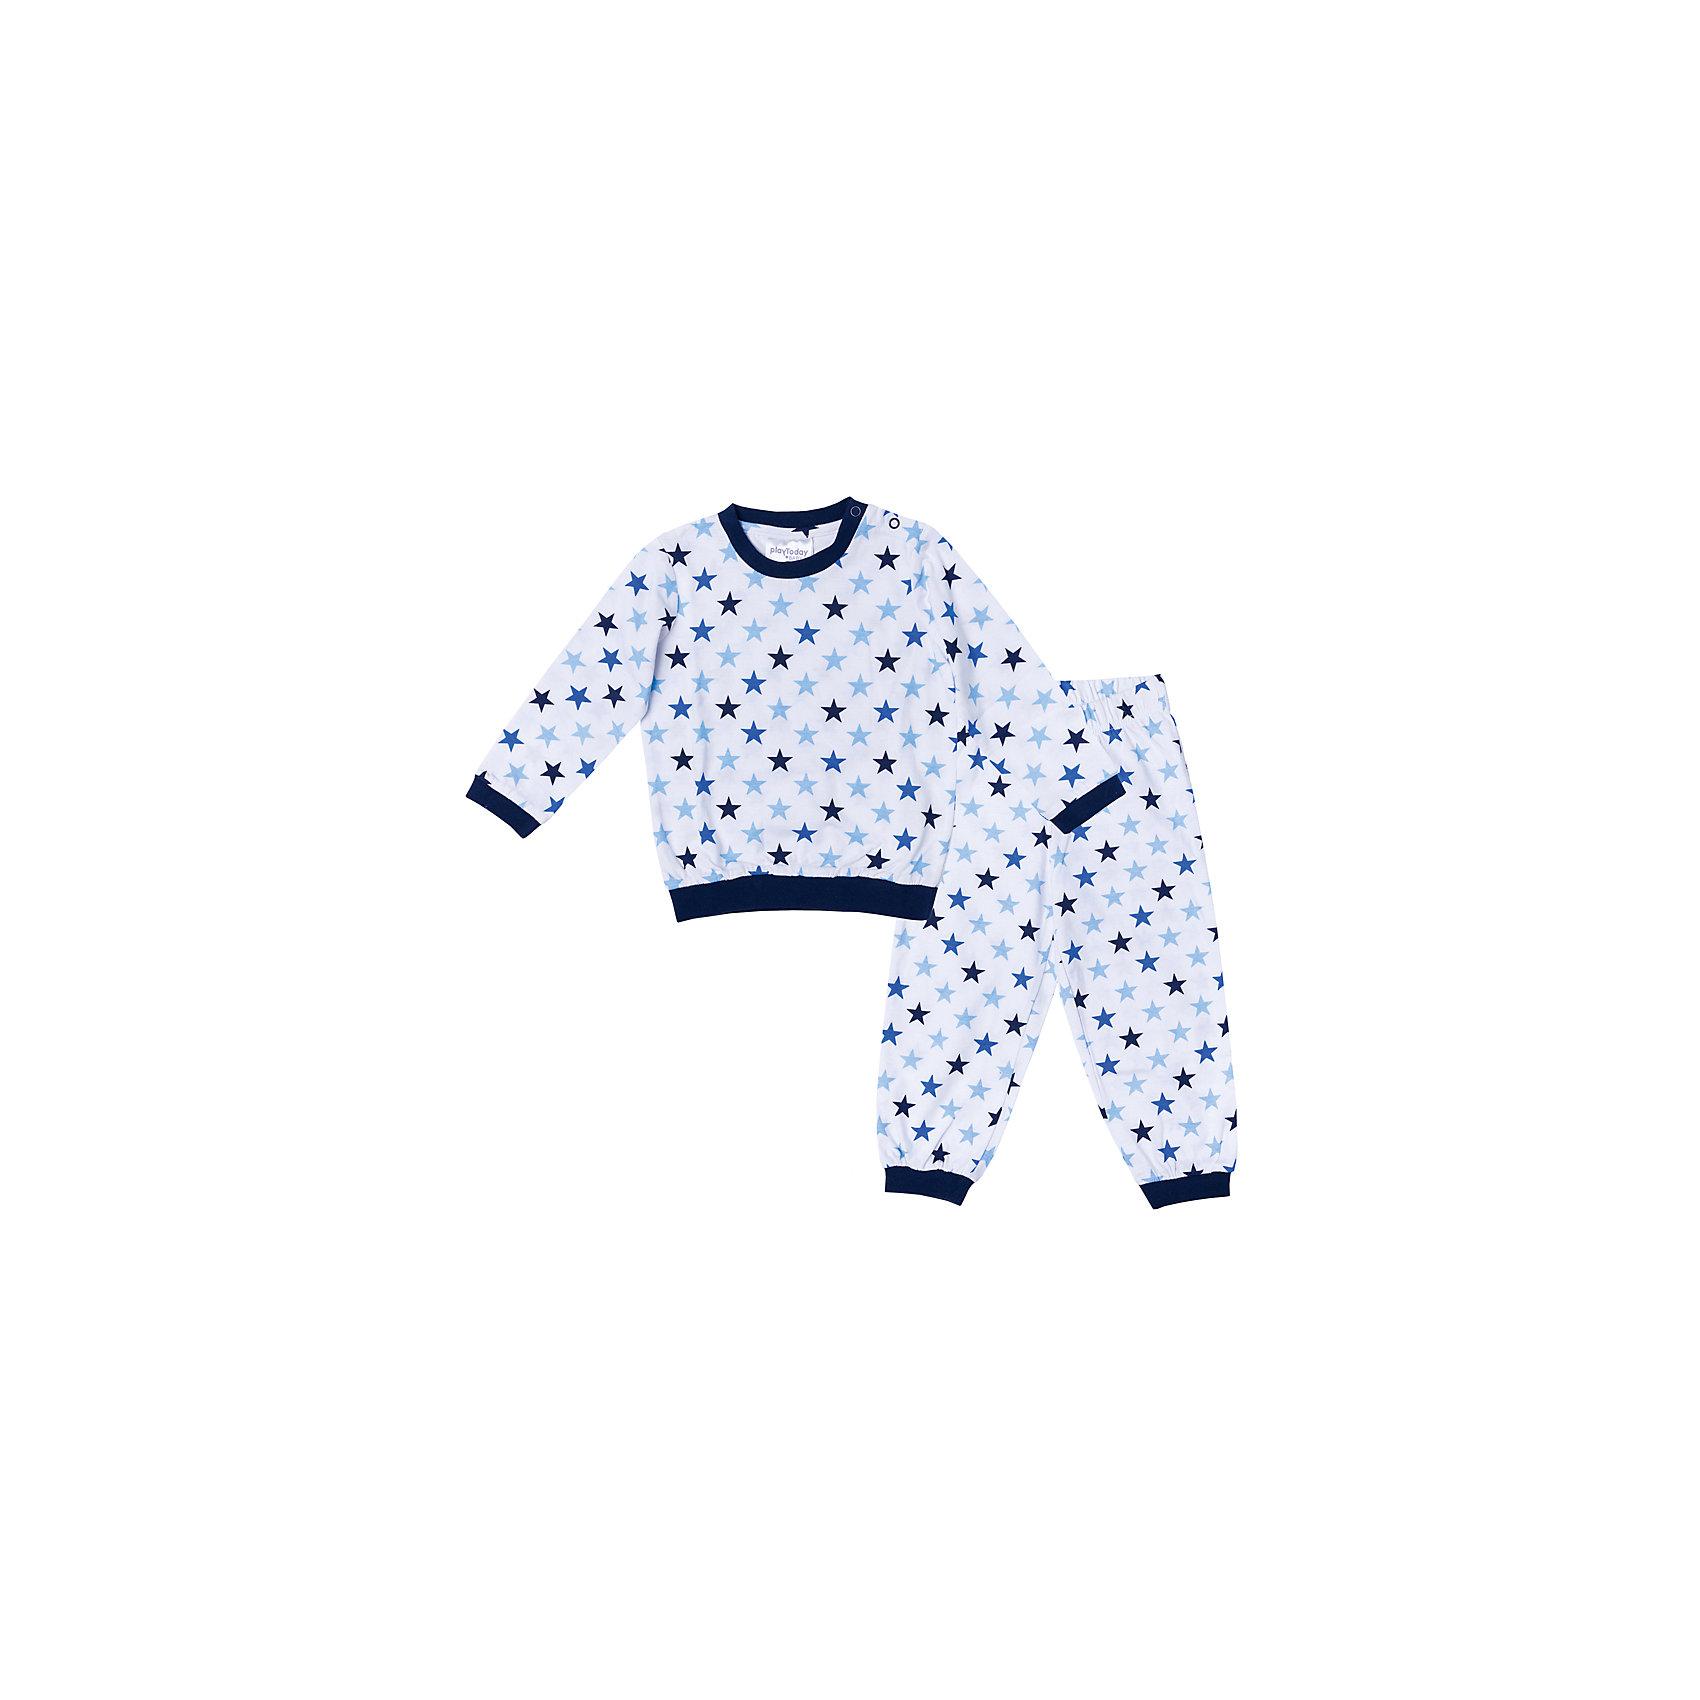 Пижама для мальчика PlayTodayПижама для мальчика PlayToday<br>В этой пижаме будут снится только сказочные сны! Мягкий, приятный к телу материал не сковывает движений. Брюки на мягкой удобной резинке. Низ брючин отделан мягкими резинками. Для удобства снимания и одевания на горловине расположены две застежки - кнопкиПреимущества: Мягкий материал приятен к телу и не вызывает раздраженийСвободный крой не сковывает движений ребенка<br>Состав:<br>100% хлопок<br><br>Ширина мм: 281<br>Глубина мм: 70<br>Высота мм: 188<br>Вес г: 295<br>Цвет: разноцветный<br>Возраст от месяцев: 6<br>Возраст до месяцев: 9<br>Пол: Мужской<br>Возраст: Детский<br>Размер: 74,92,80,86<br>SKU: 5407789